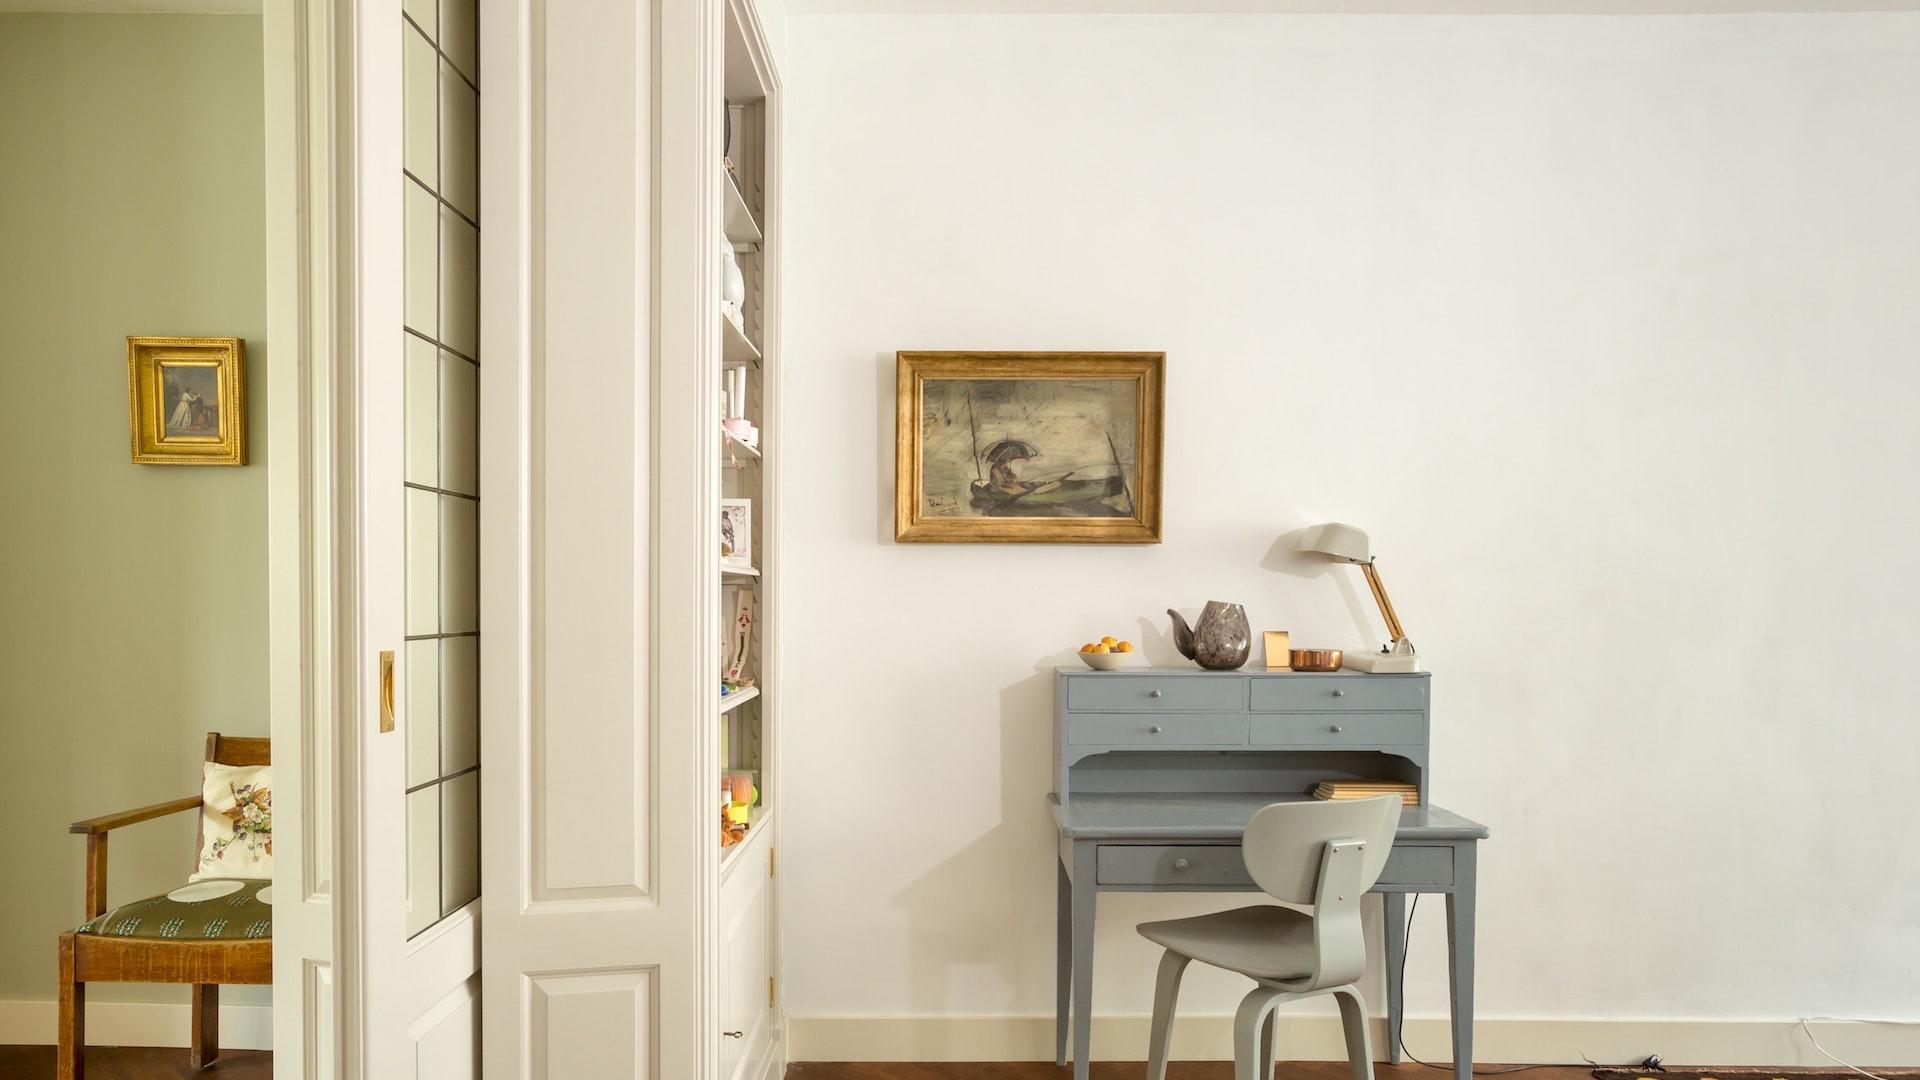 グレーの机と写真フレームのある部屋